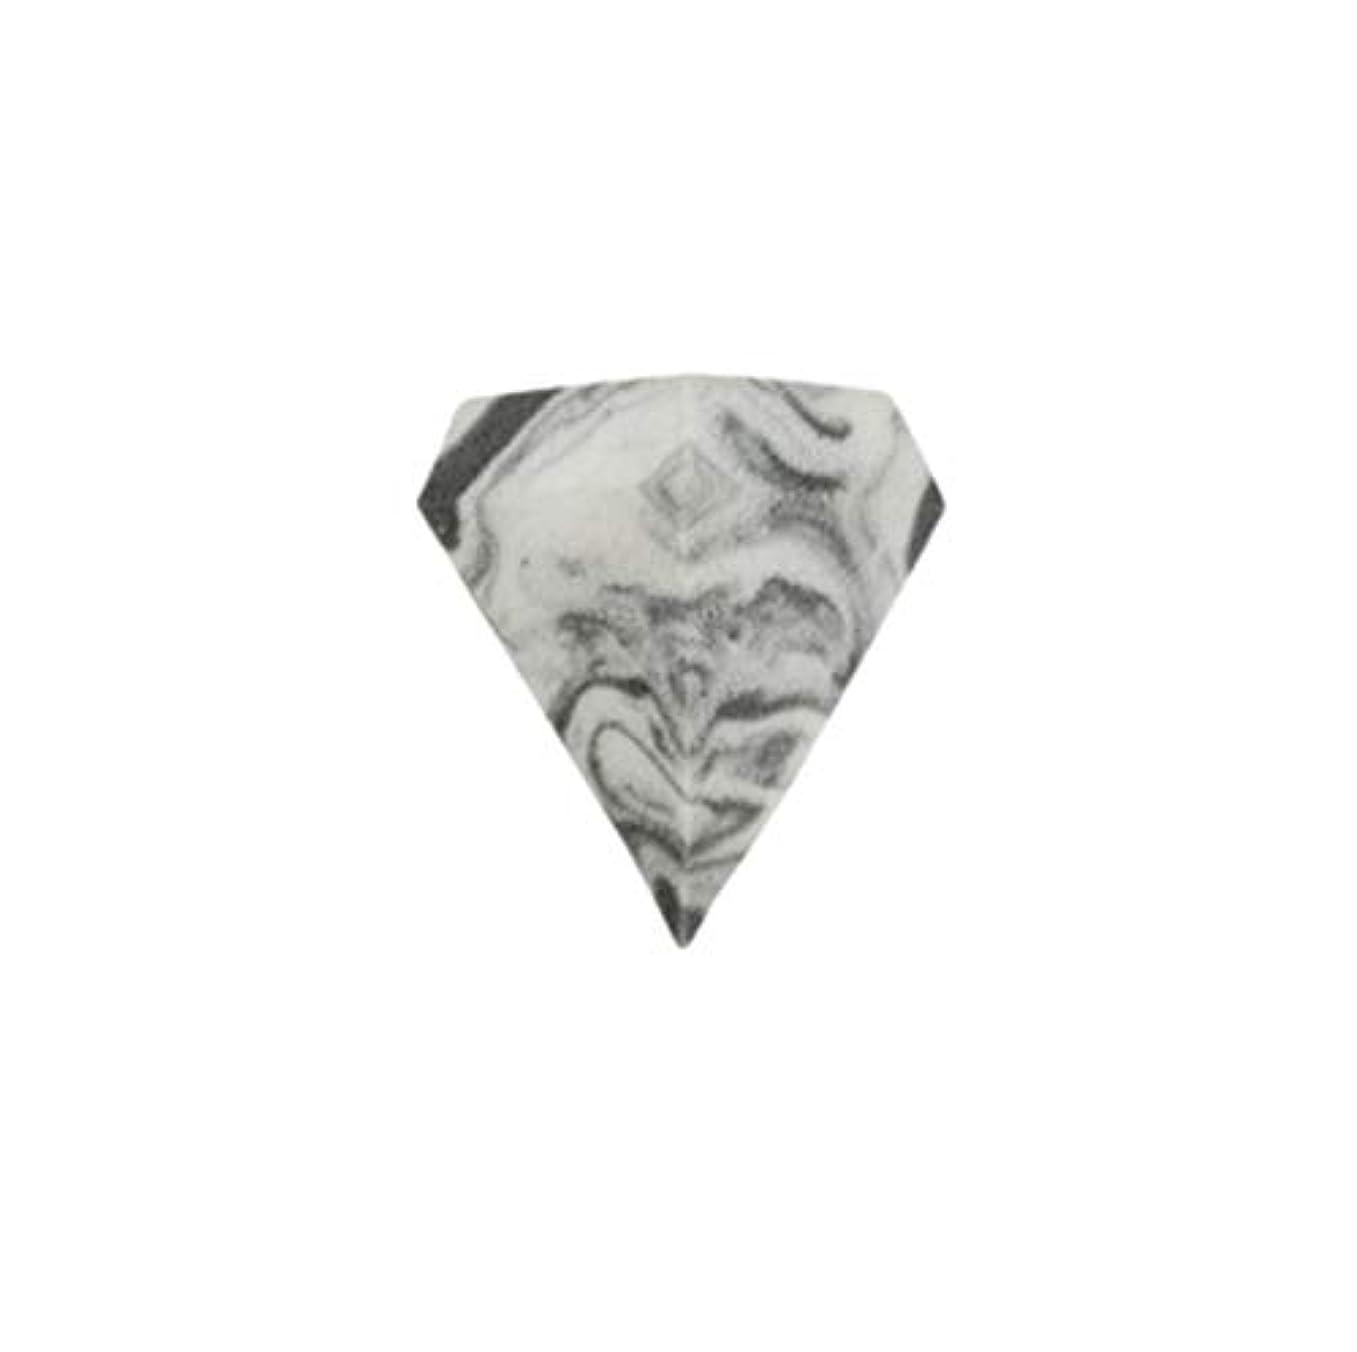 先入観クルー魅力美のスポンジ、柔らかいダイヤモンド形の構造の混合物の基礎スポンジ